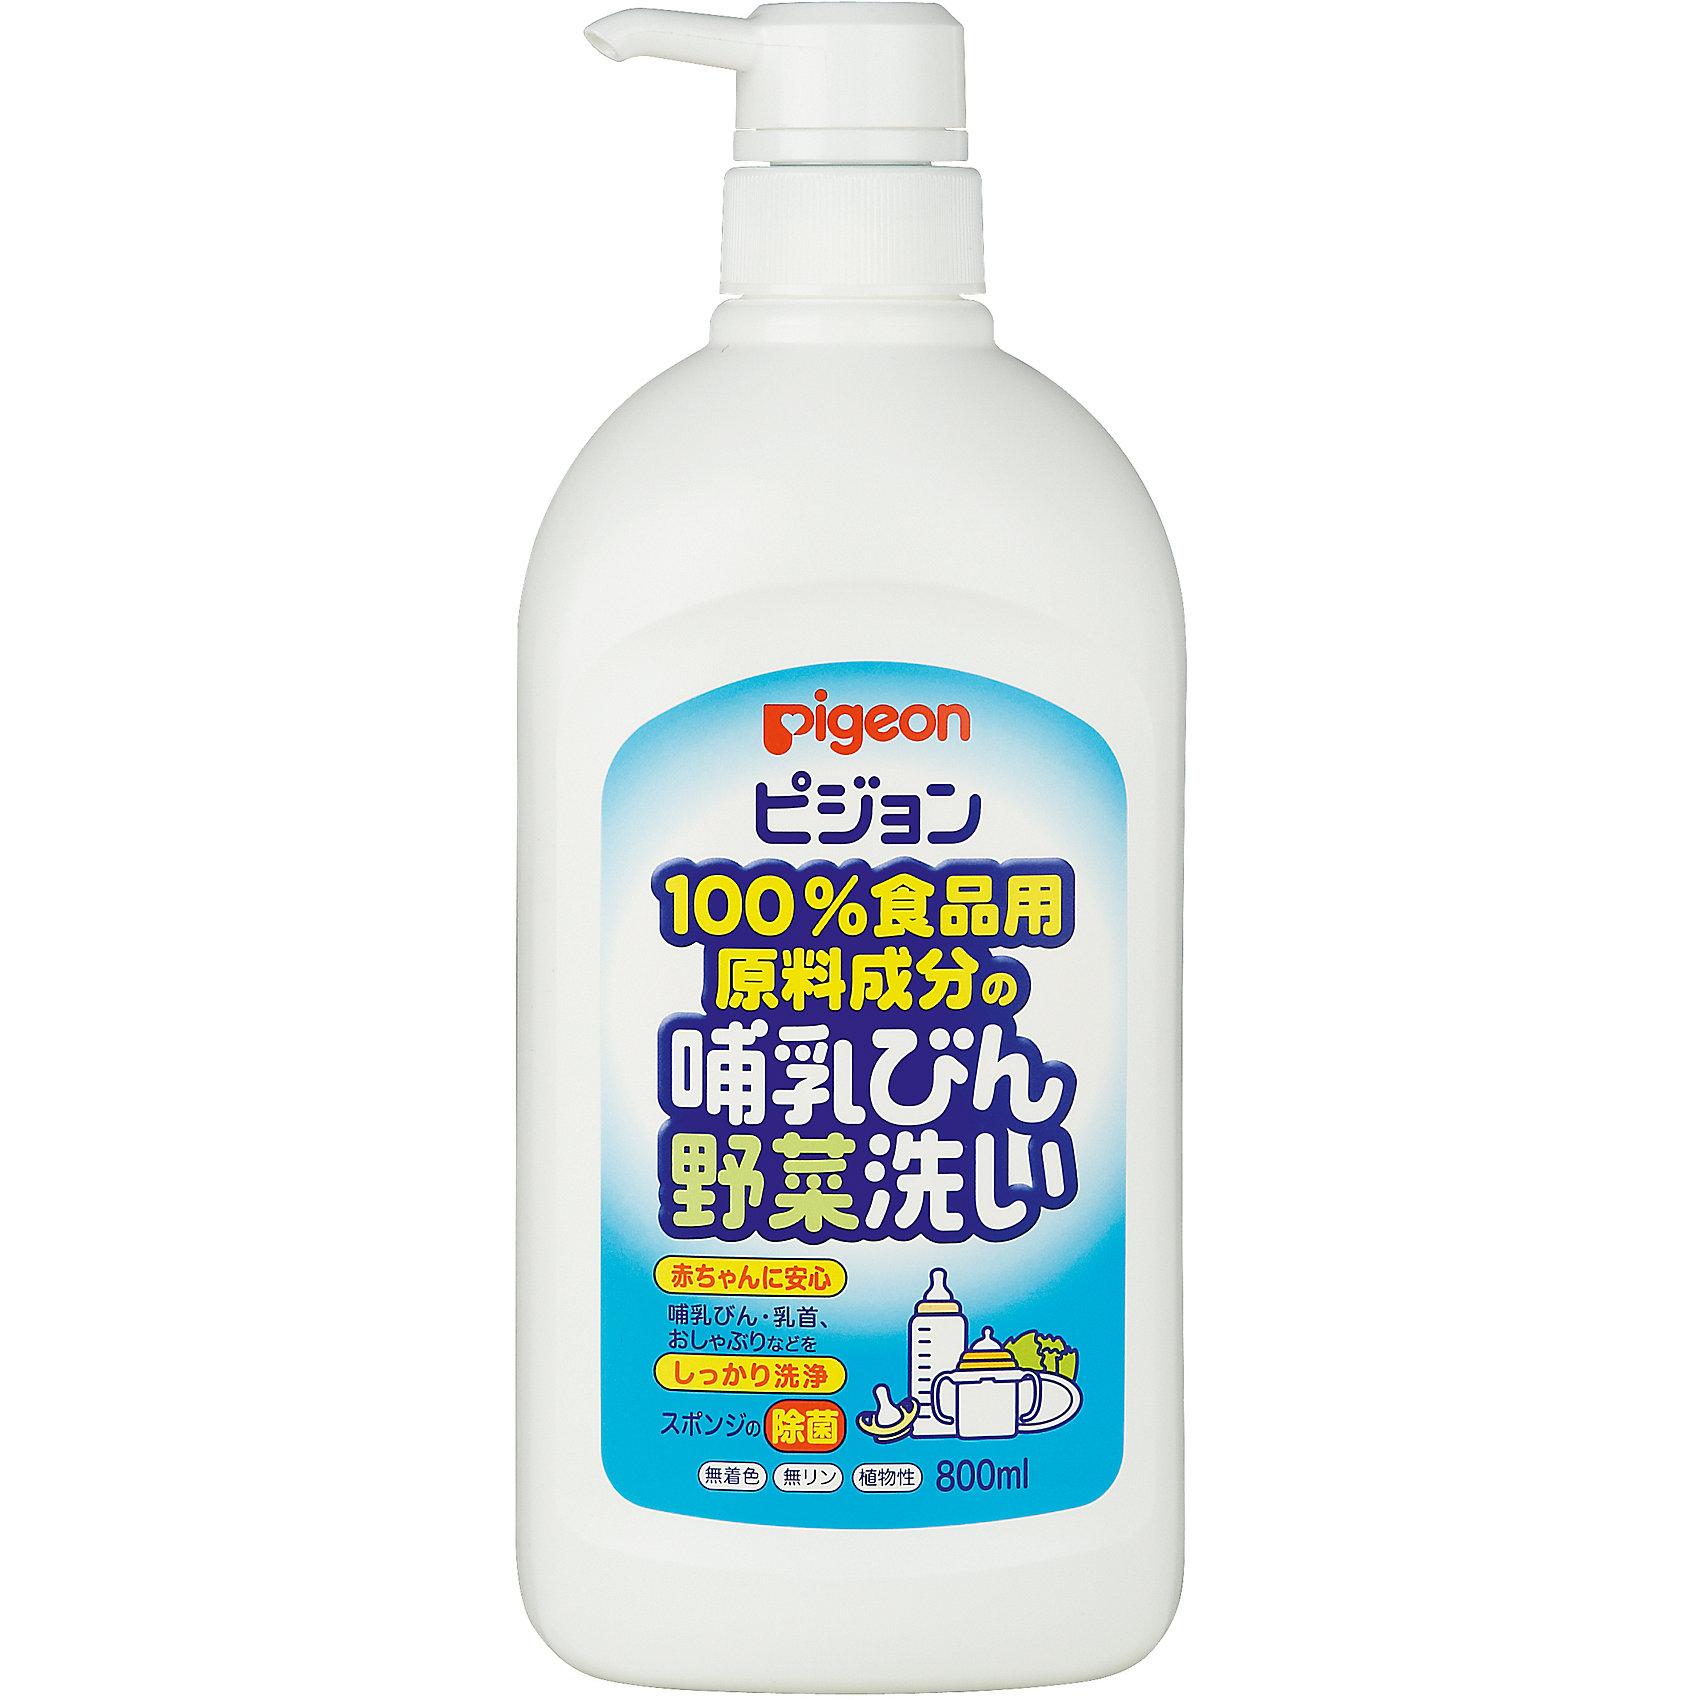 Средство для мытья бутылочек и овощей 800 мл, Pigeon